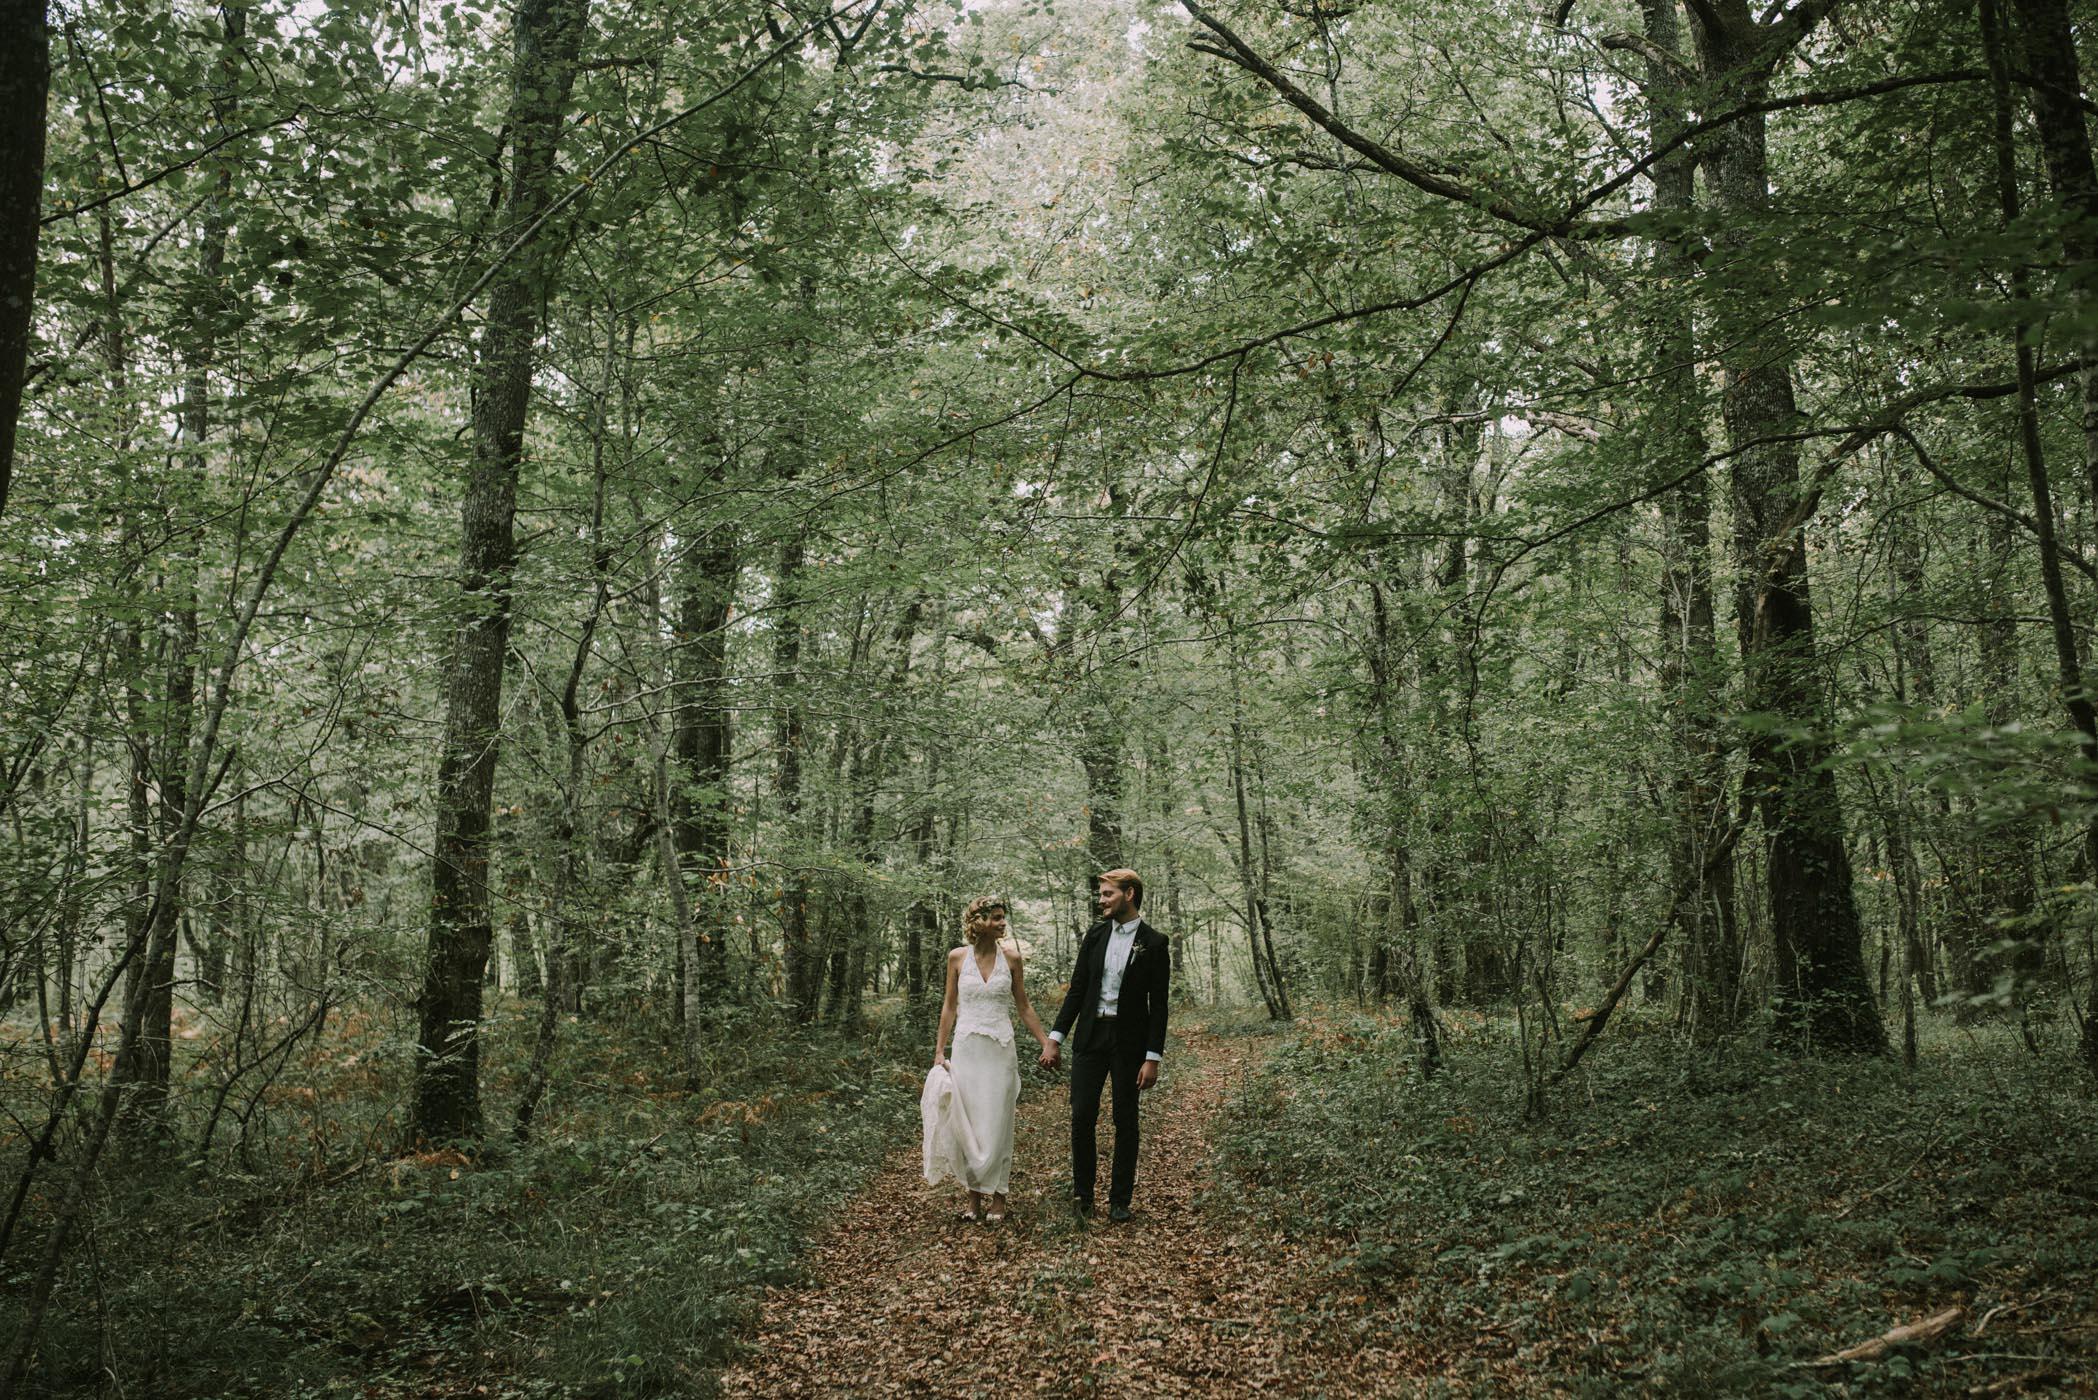 sun-drops-down-shooting-dinspiration-automnal-sous-les-bois-en-dordogne-blog-mariage-la-mariee-sous-les-etoiles-photo-mira-al-pajarito-10